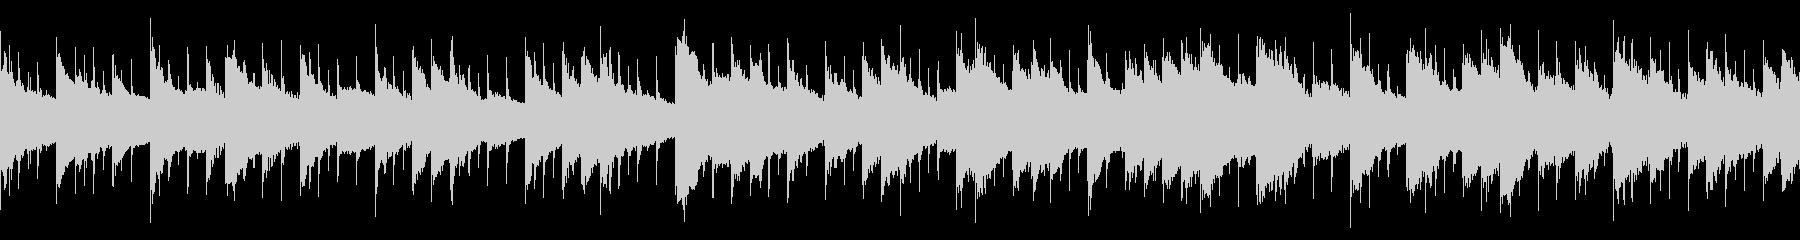 ほんわかした雰囲気のBGM(ループ仕様)の未再生の波形